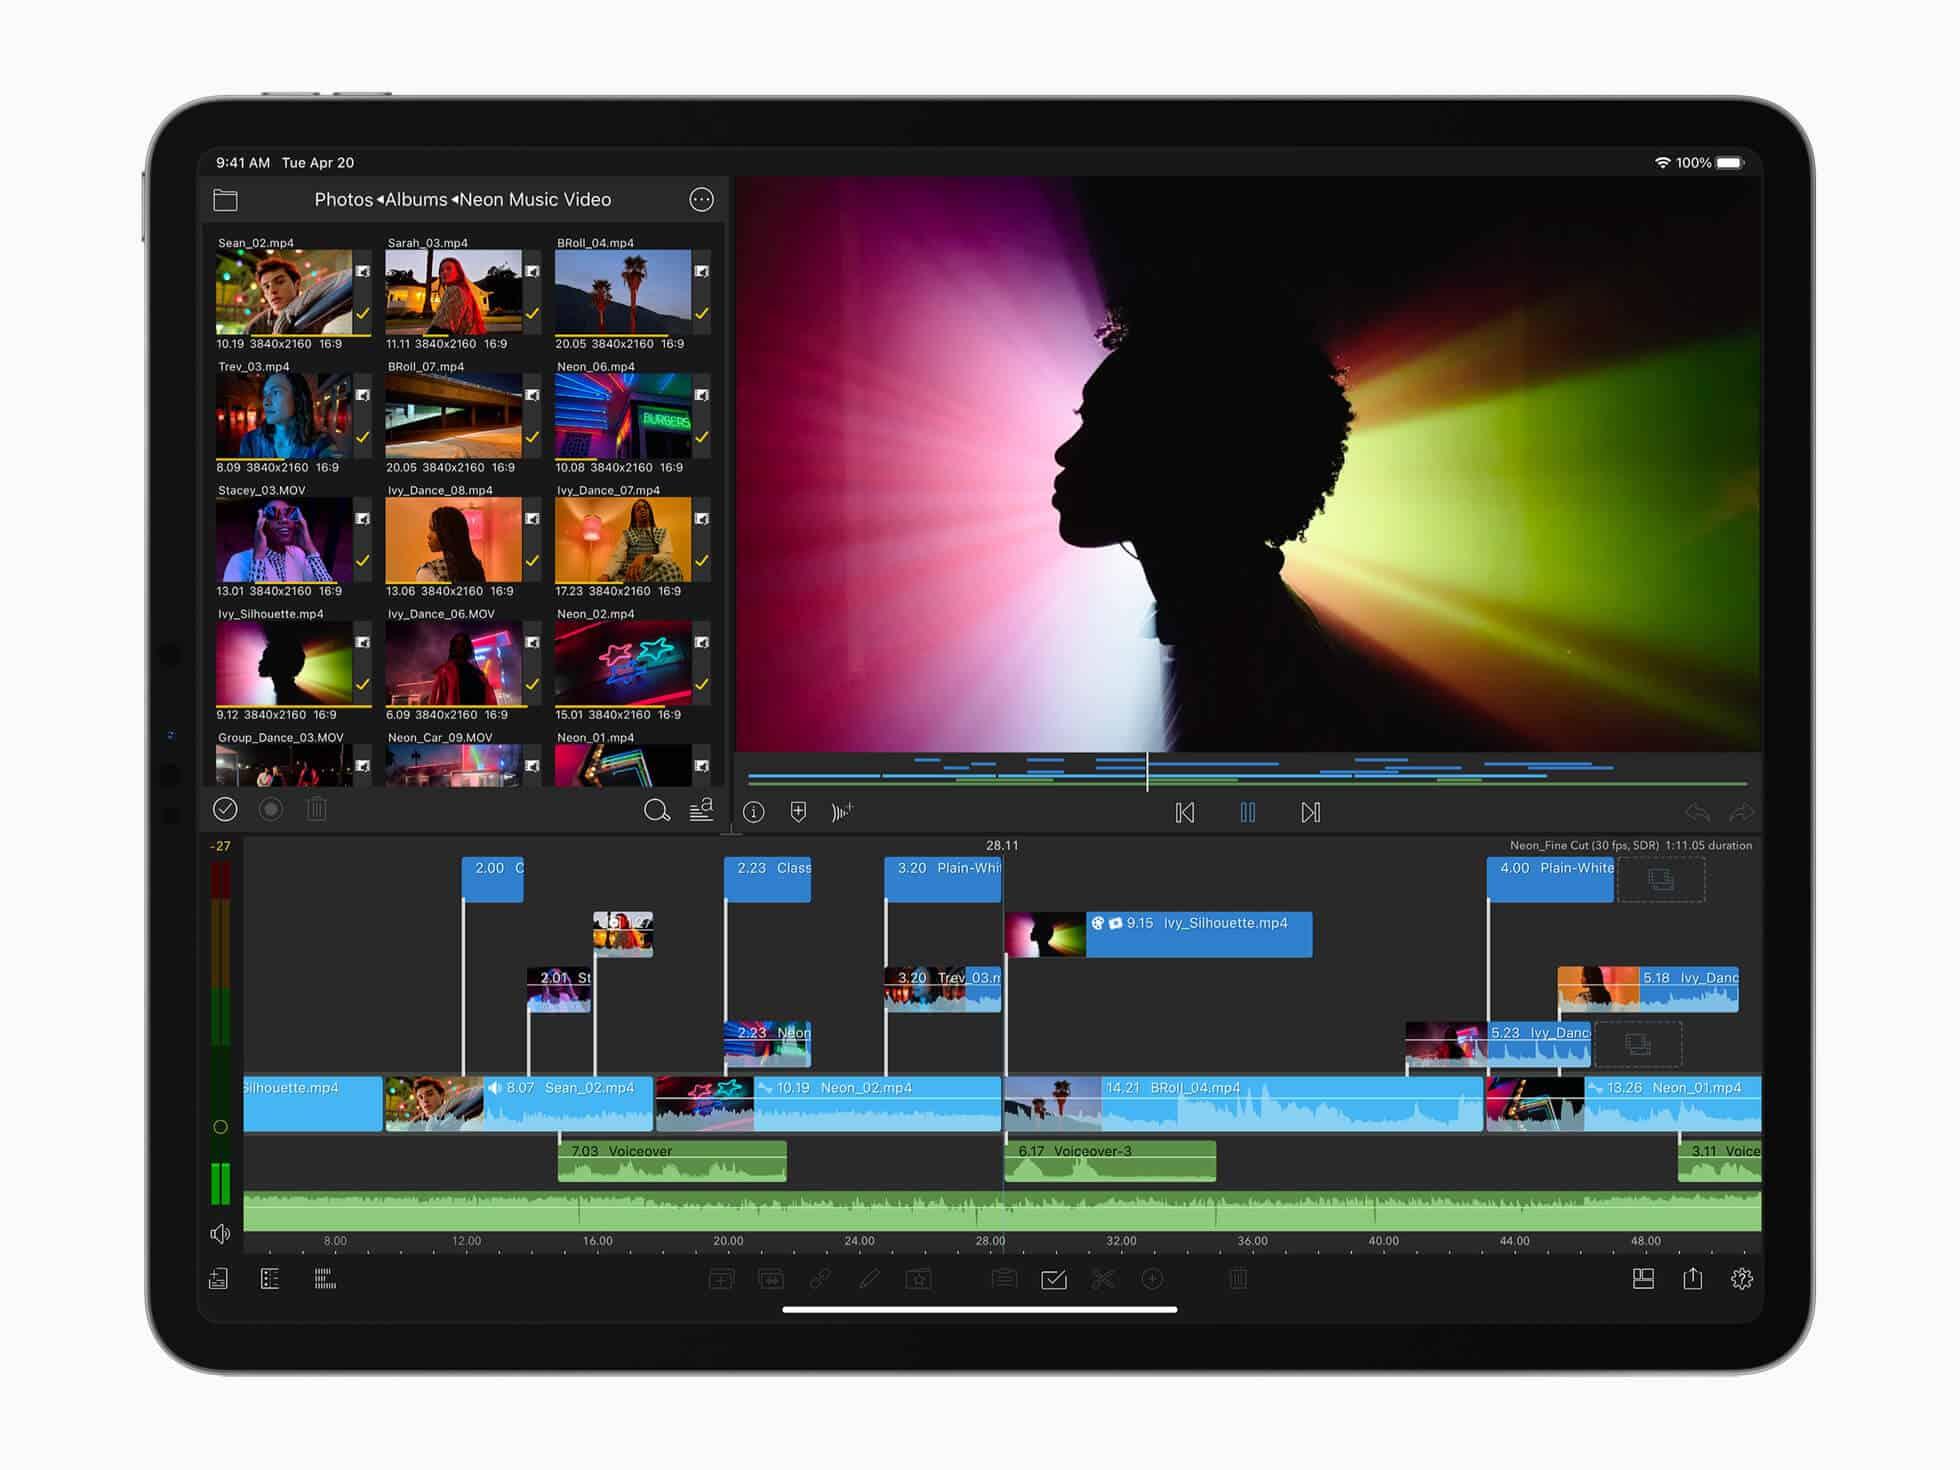 Apple zeigt, dass das neue iPad Pro enormem Workload gewappnet ist - zumindest Hardware-seitig.